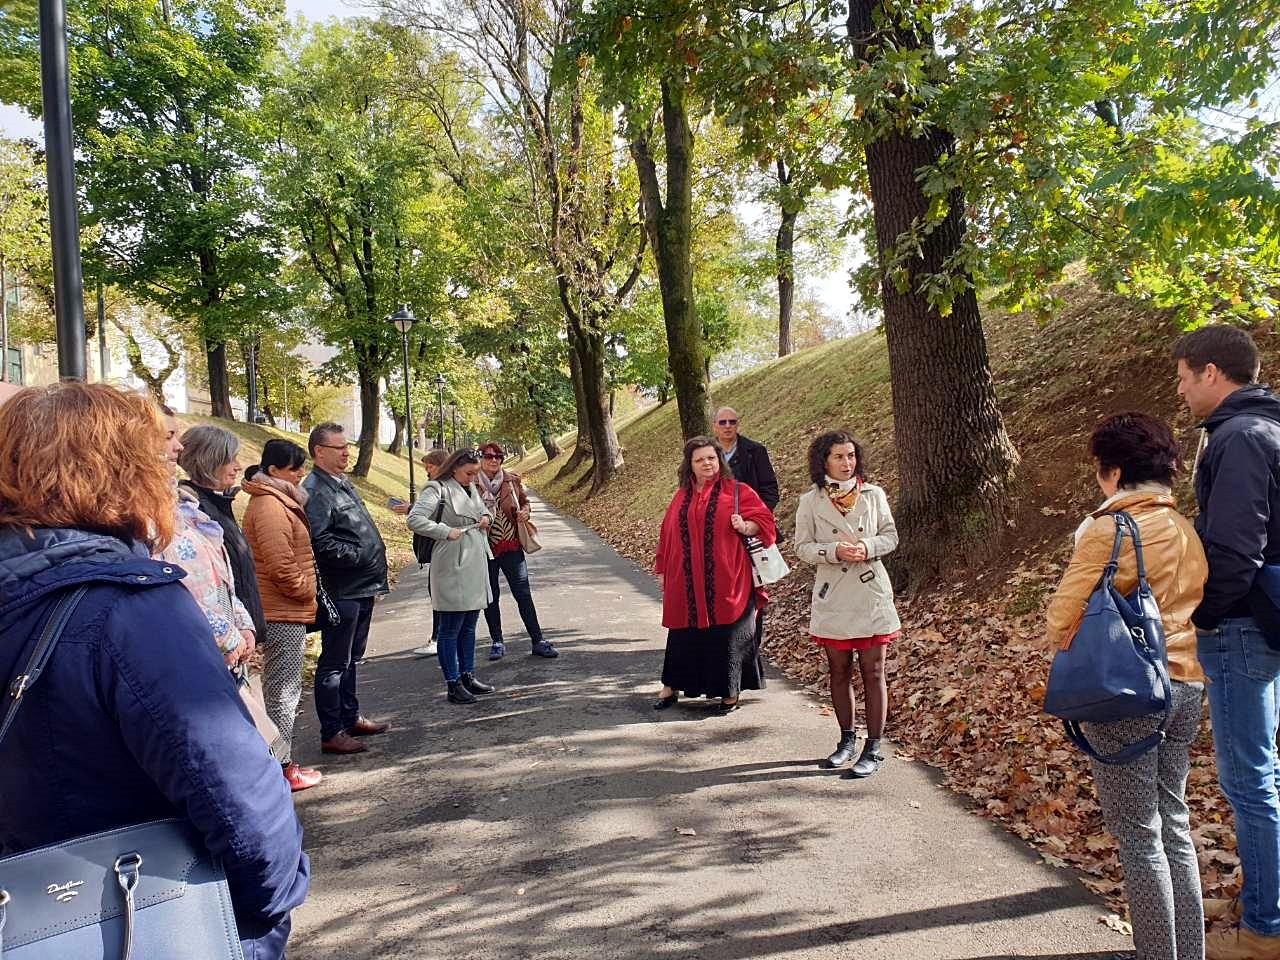 Séta Nagyszebenben. A település múltját es nevezetességeit Serfőző Levente elnök, Takács Gyöngyi alelnök mutatta be